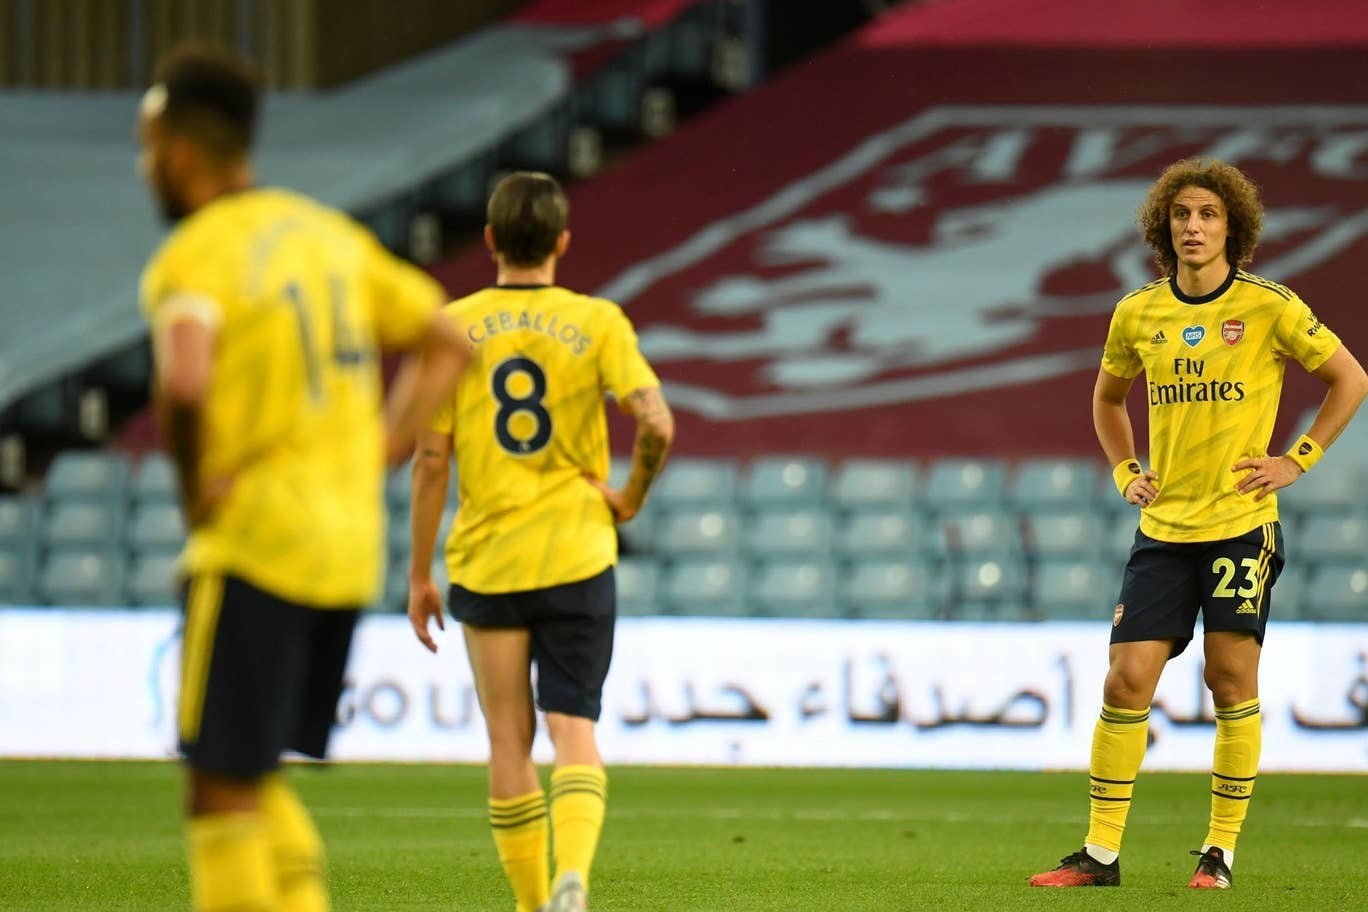 Pháo thủ không thể làm gì trước hàng phòng ngự của Aston Villa